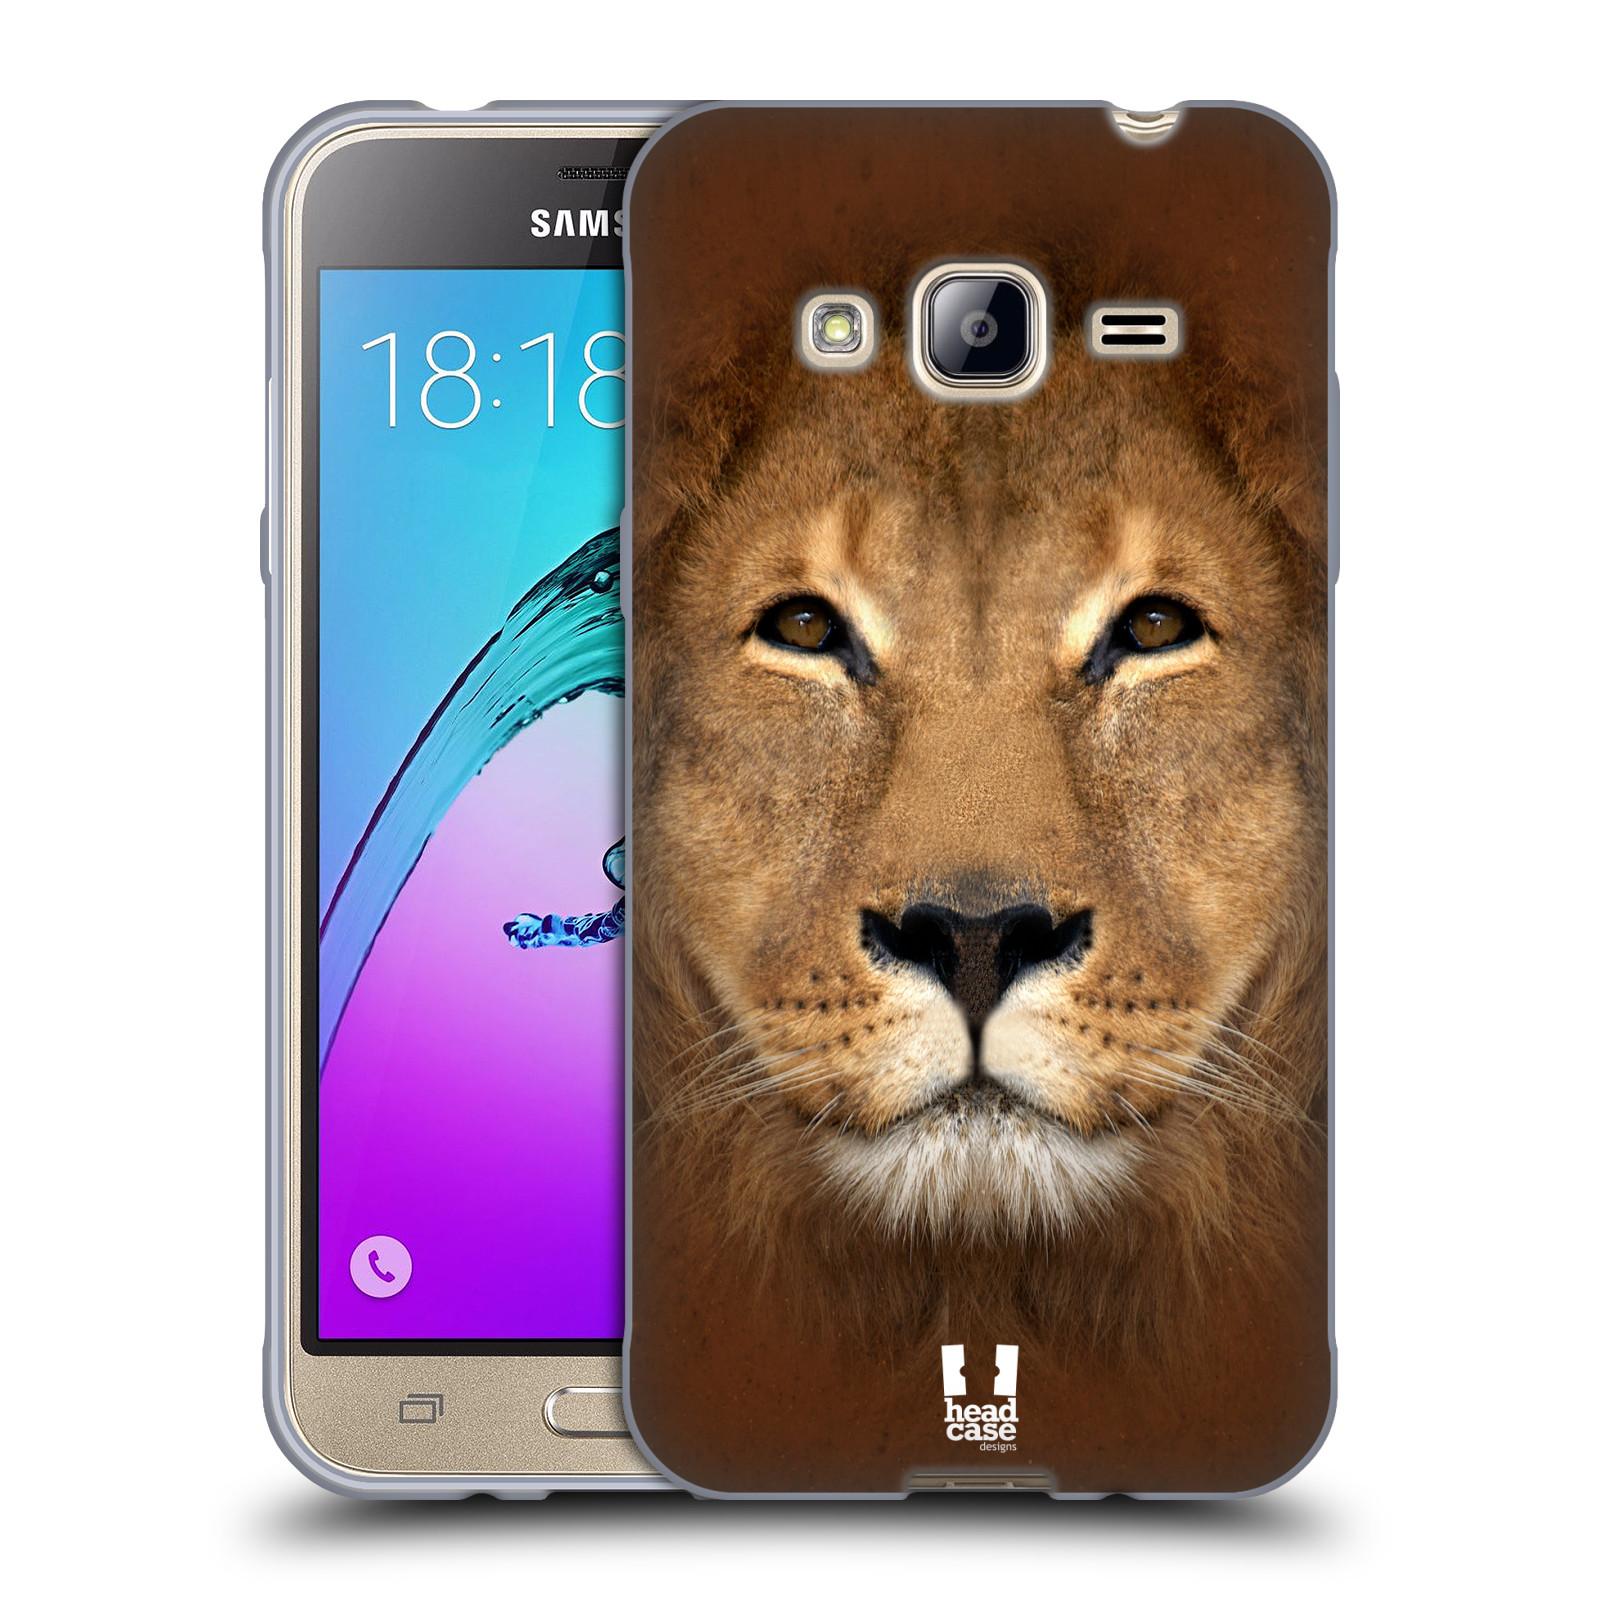 HEAD CASE silikonový obal na mobil Samsung Galaxy J3, J3 2016 vzor Zvířecí tváře 2 Lev